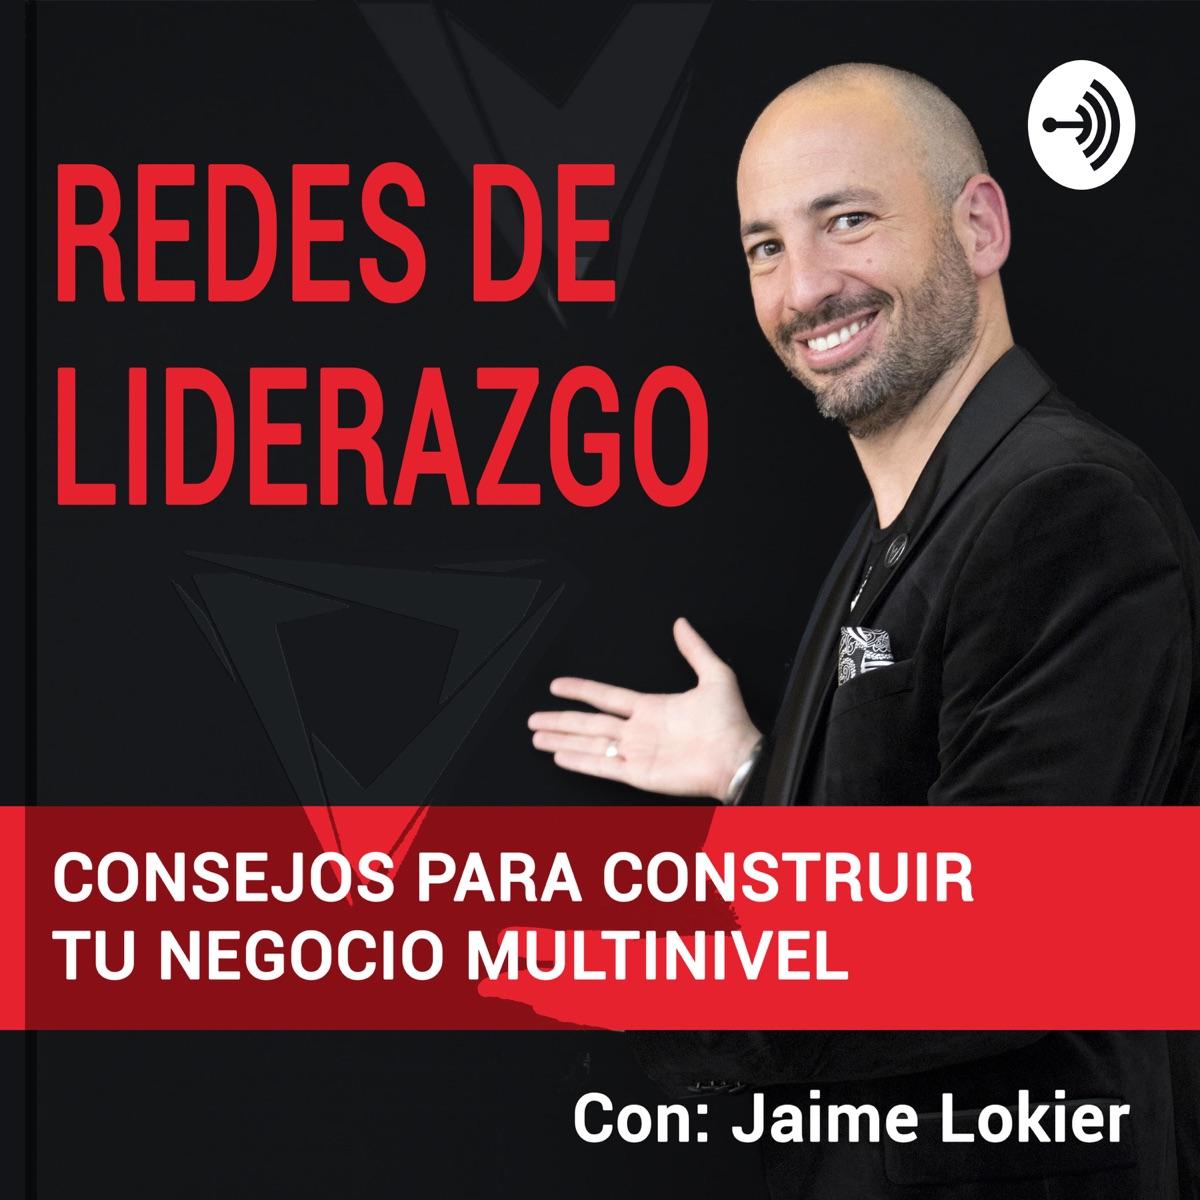 Redes de Liderazgo, consejos para construir tu negocio multinivel